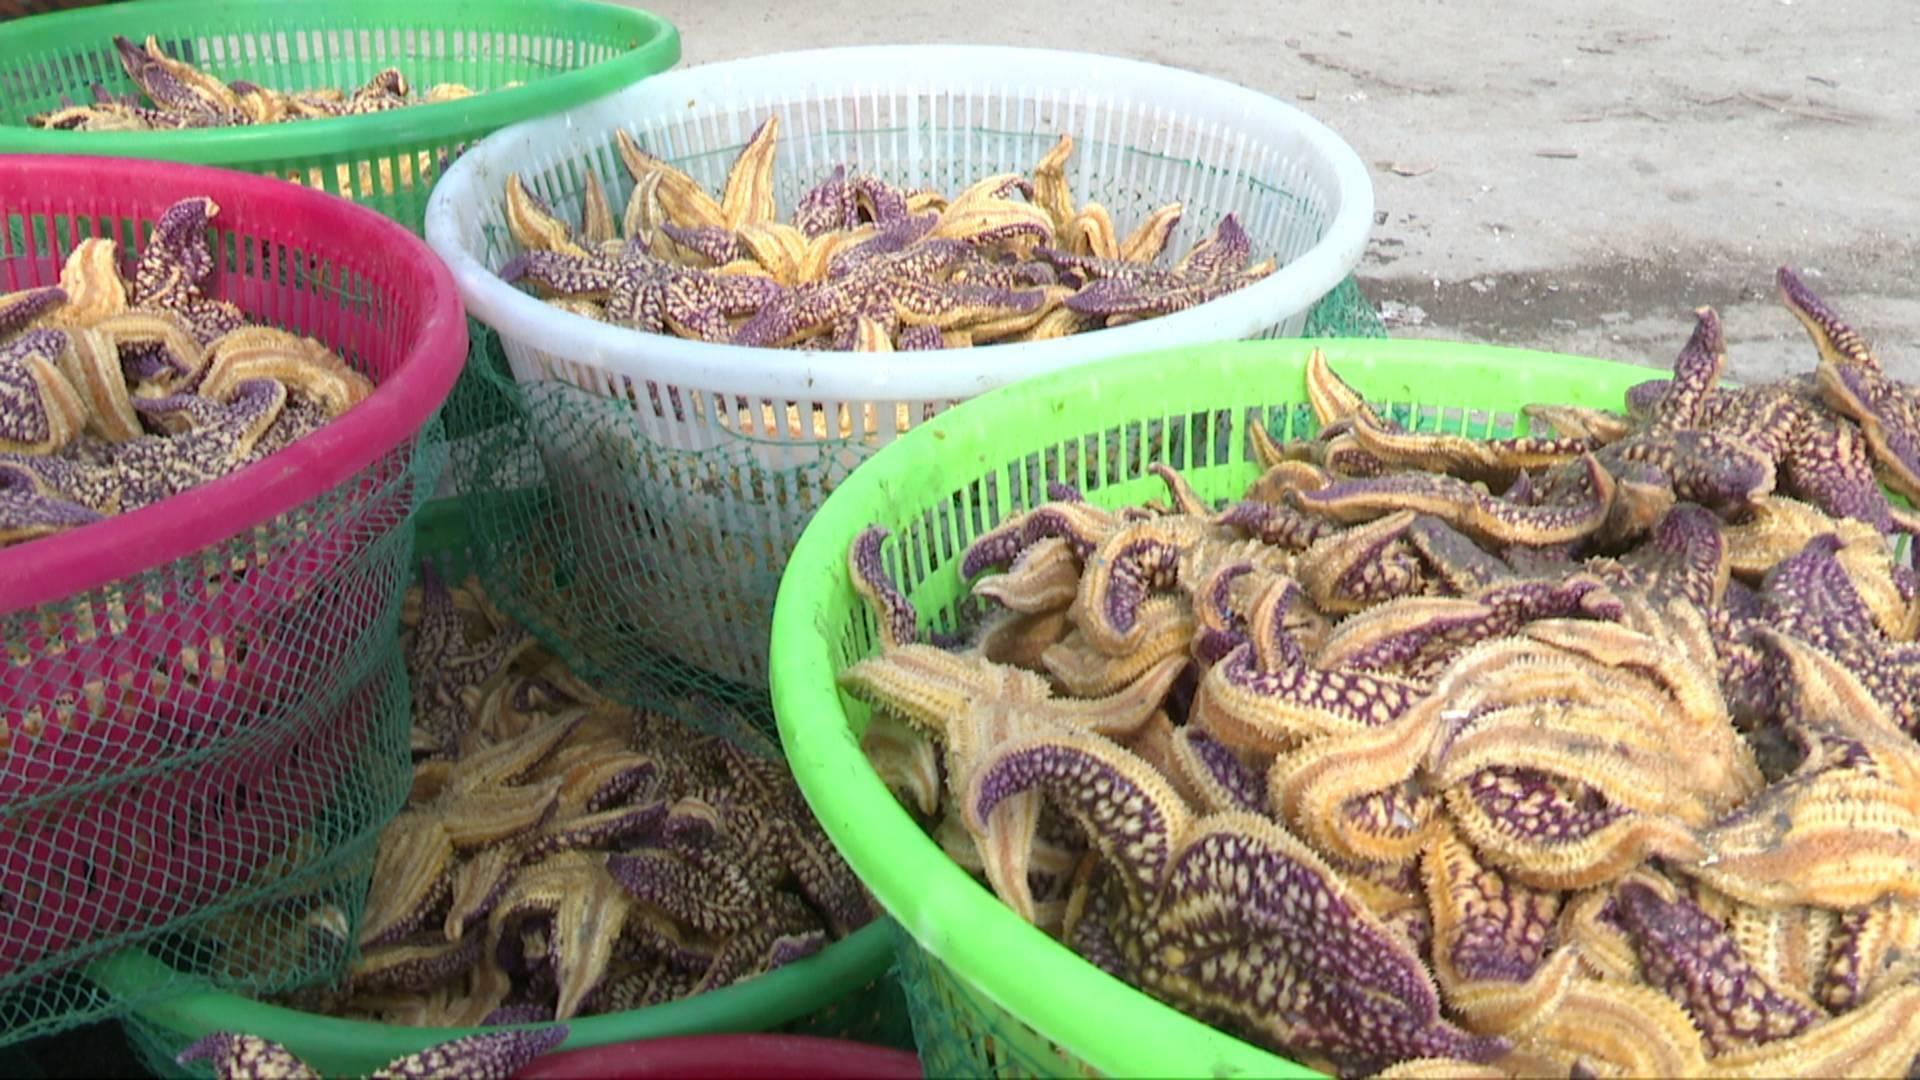 青岛胶州湾海星泛滥致渔民损失惨重 专家:比较好的方法是继续打捞